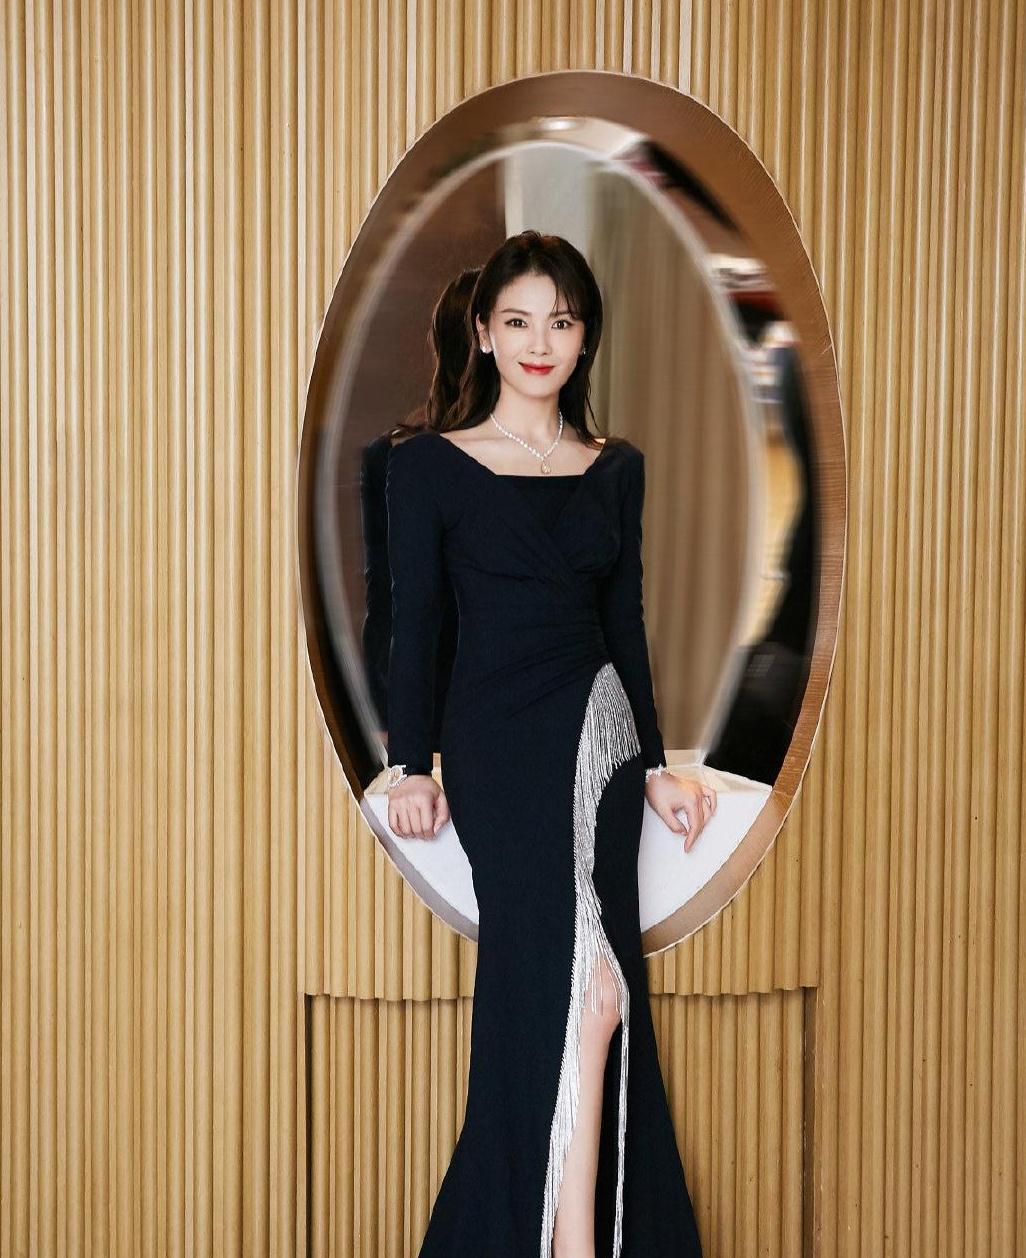 刘涛衣品真不错,黑色礼服裙点缀银色流苏,时尚优雅高级范十足